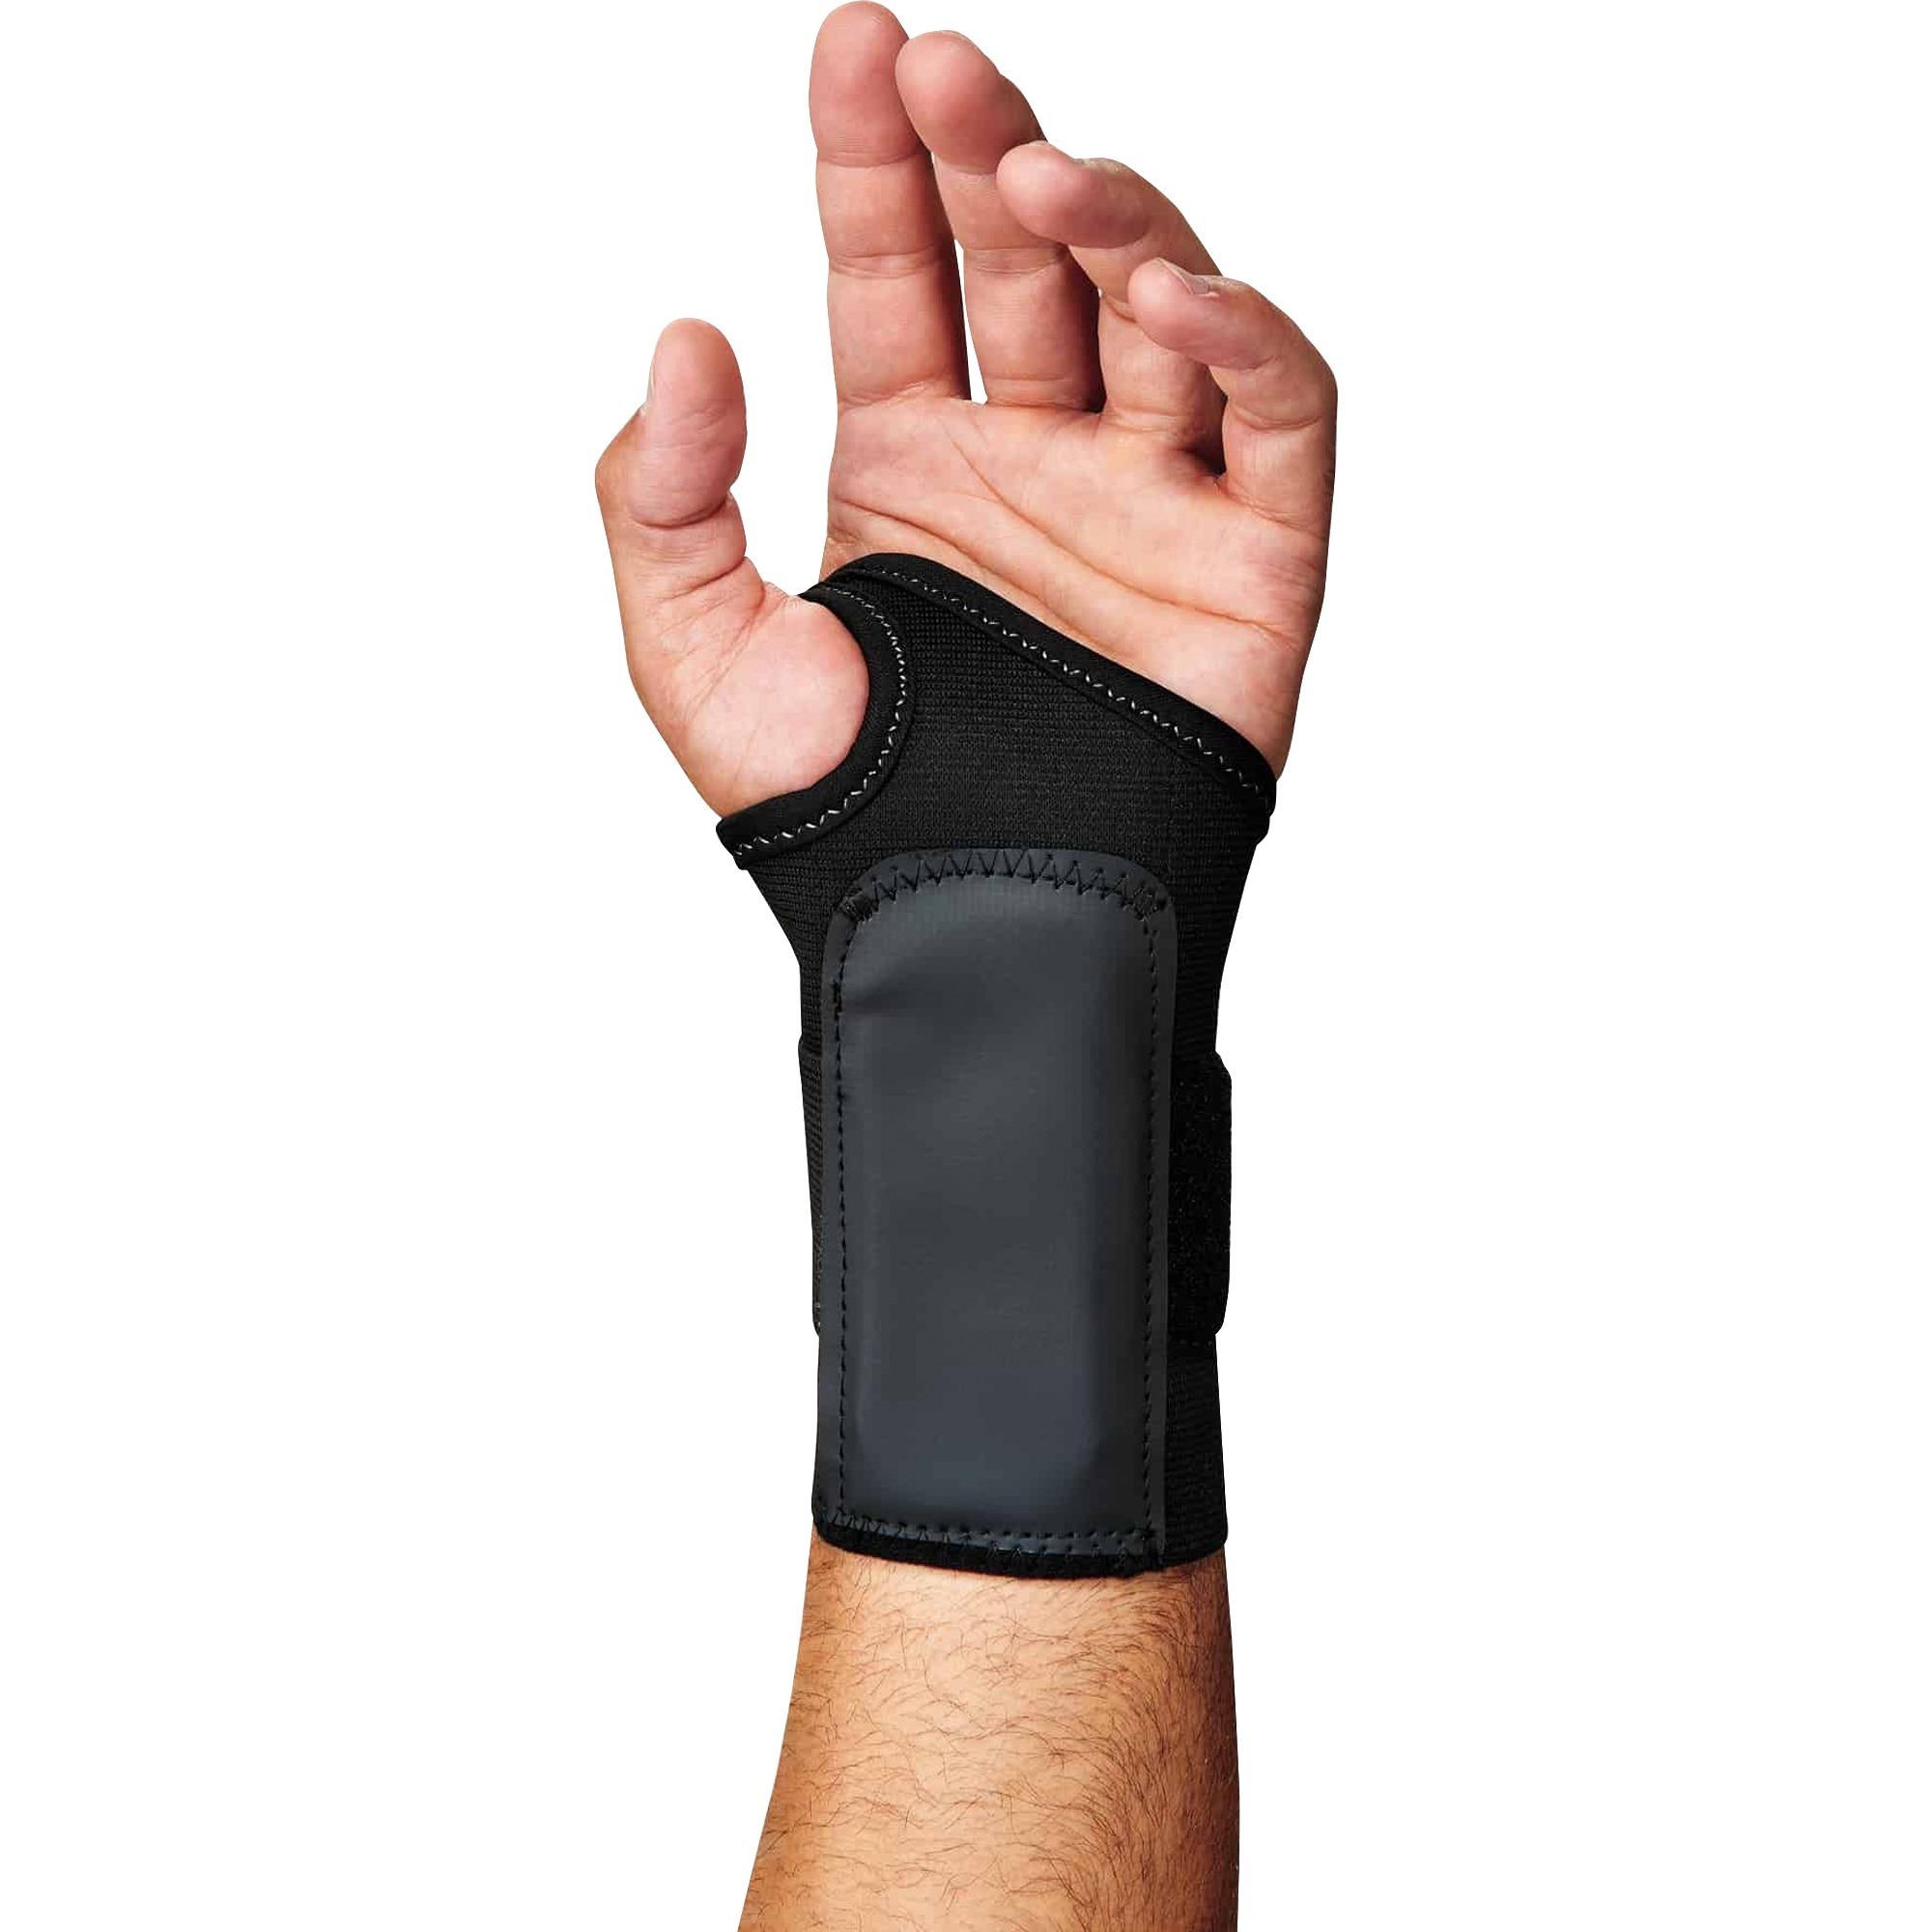 PROFLEX BY ERGODYNE 4000 Wrist Support M Left Black